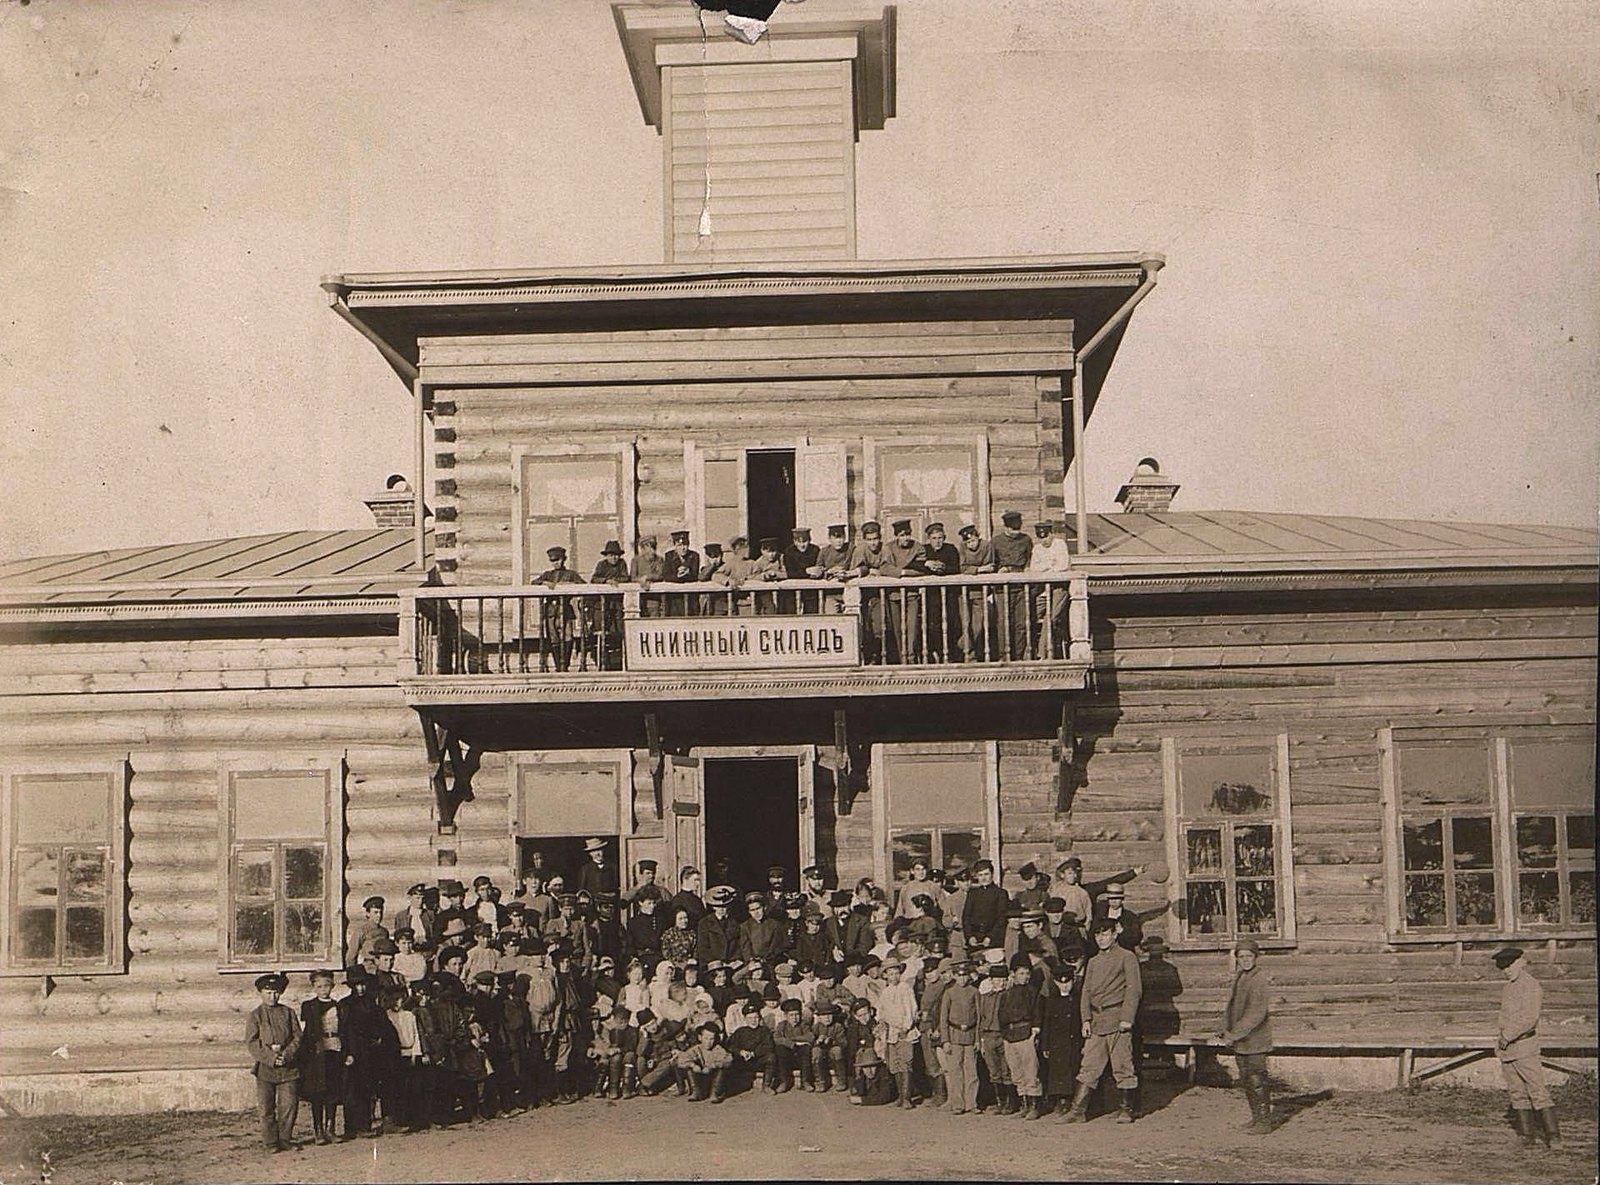 15. Представители передовой иркутской интеллигенции, группировавшиеся вокруг площадки, где велось бесплатное обучение детей. 1904-1905